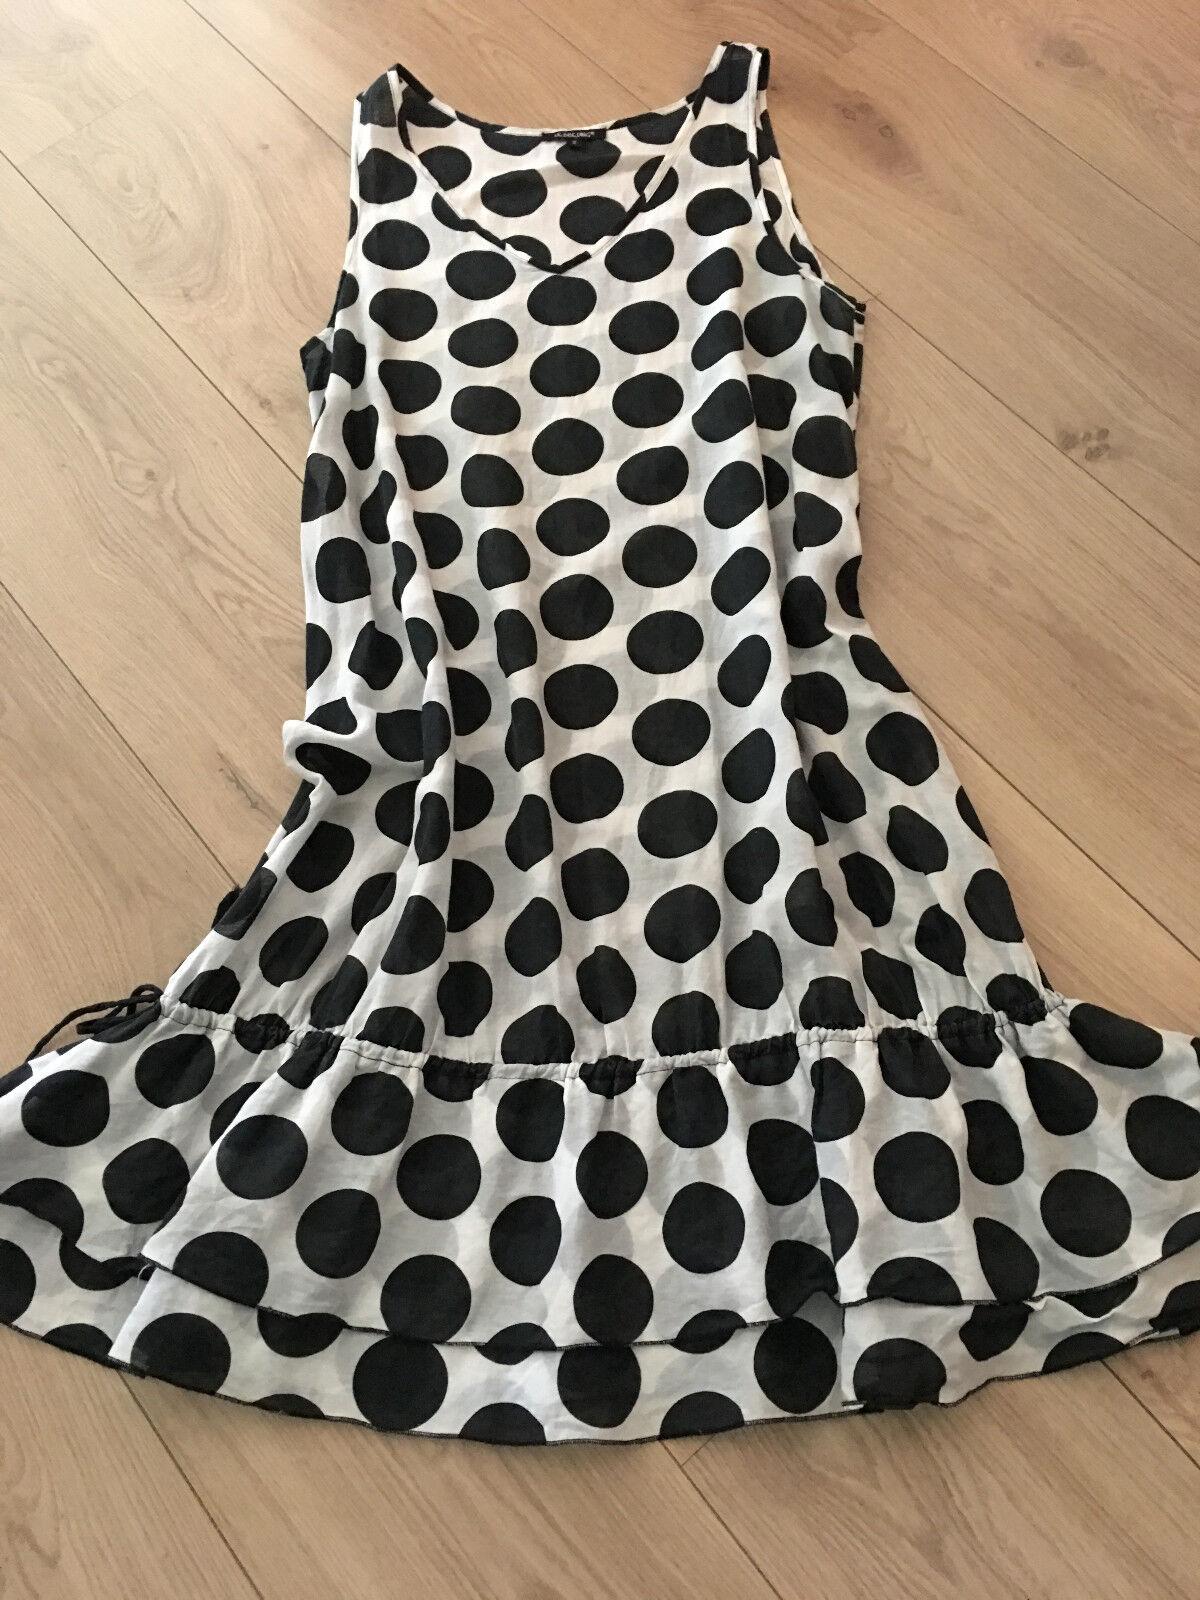 Süsses Kleidchen mit Dots in Schwarz-Weiß v. HEBBEDING m. Stufensaum Gr.2 40 42